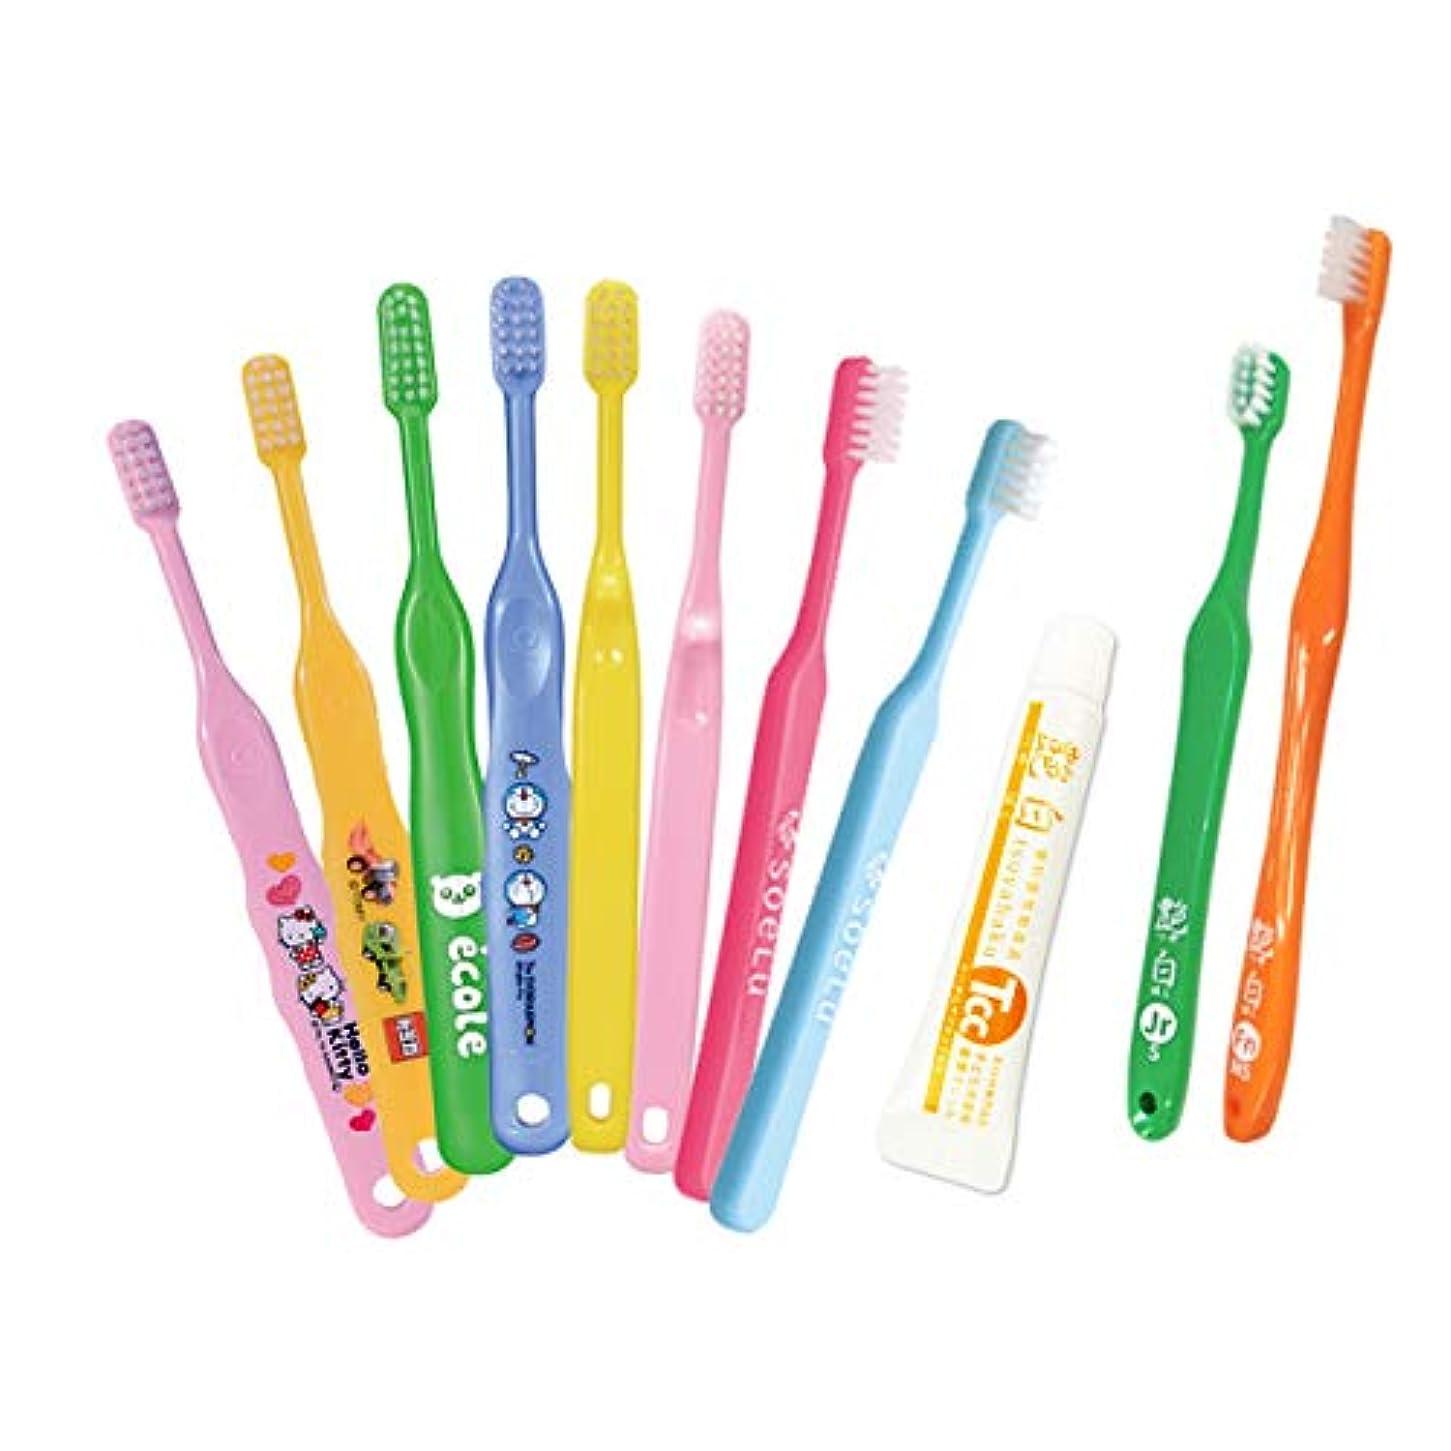 いらいらさせる路面電車骨歯科専売品 子供用 キャラクター入り歯ブラシ 10本セット(乳幼児~小学校低学年用)+艶白(つやはく) 薬用歯磨きジェル トータルケアチャイルド Tcc 5g×1本